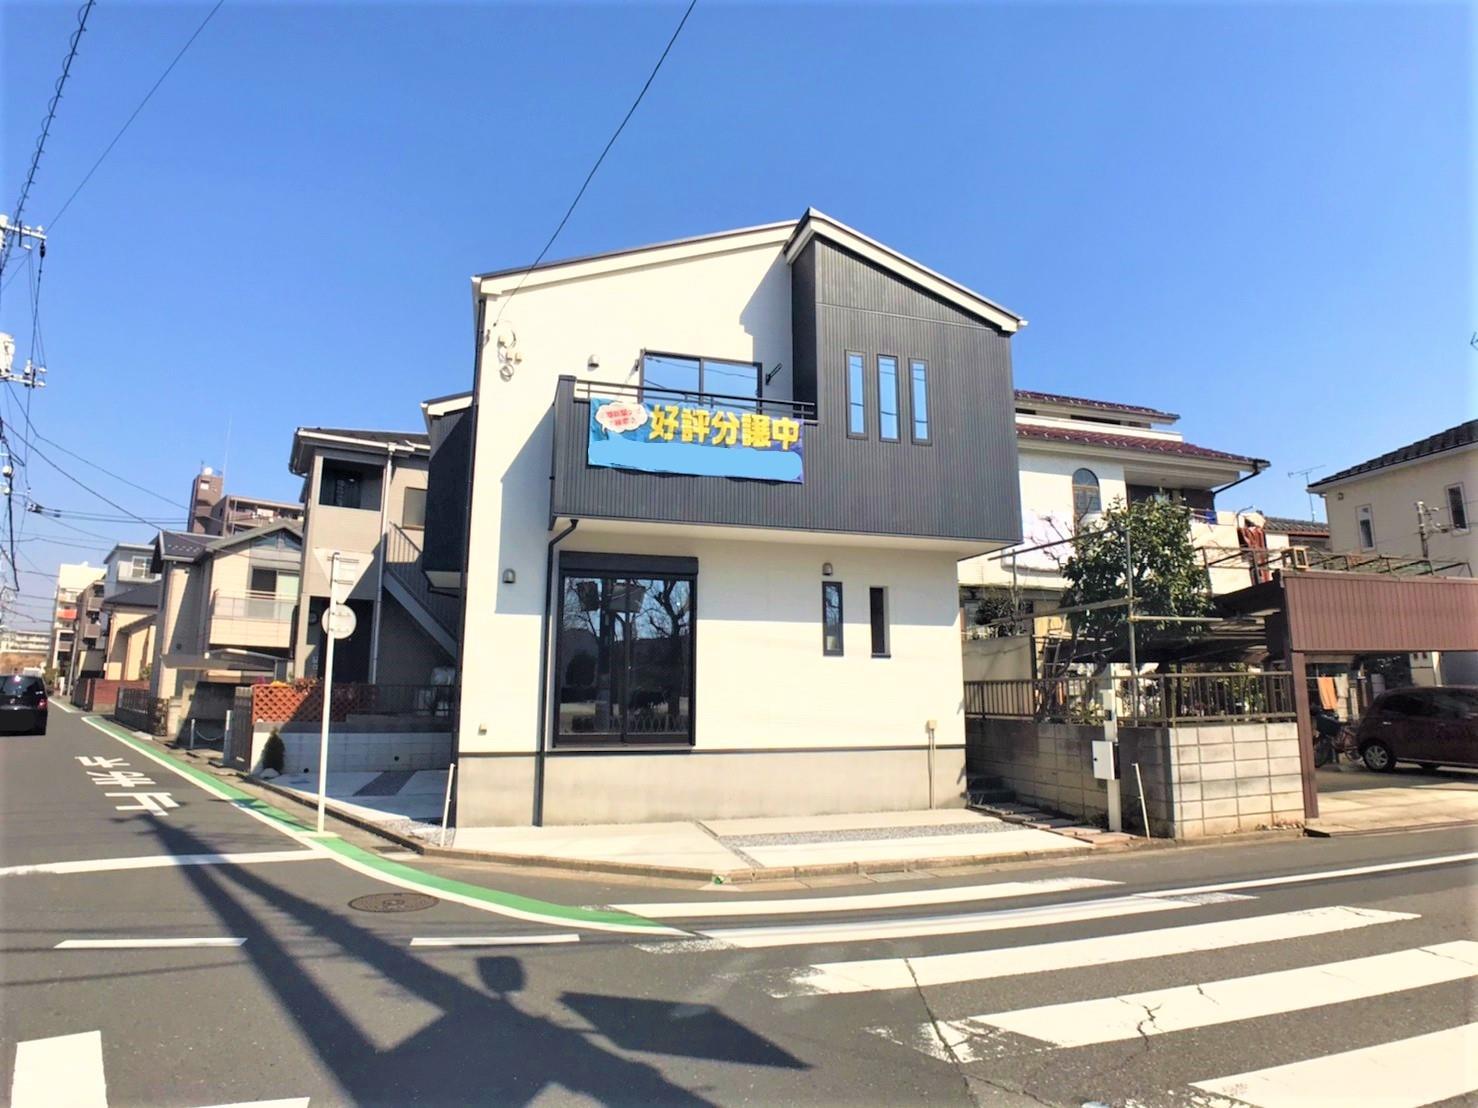 【KEIAI】 -Ricca- 三郷市三郷1期 1号棟